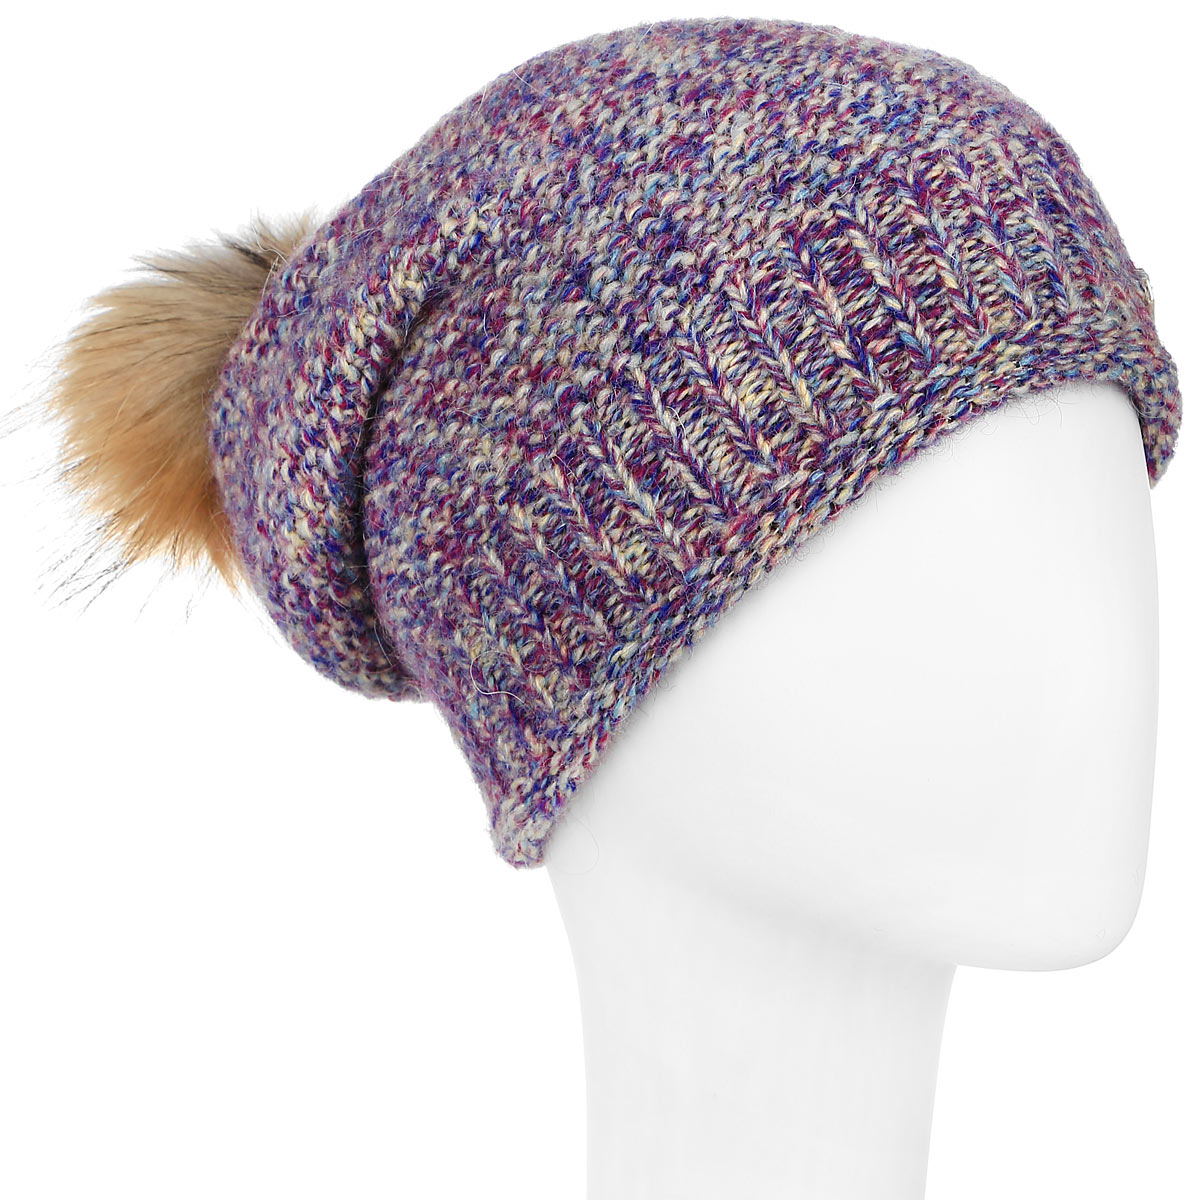 Шапка женская Dispacci, цвет: фиолетовый, мультиколор. 21118M. Размер универсальный21118MСтильная женская шапка Dispacci, изготовленная из мягкой пряжи смешанного состава, она обладает хорошими дышащими свойствами и хорошо удерживает тепло. Благодаря использованию фантазийной итальянской пряжи, шапка имеет красивые цветовые переходы, что создает впечатление легкости и изящества. На макушке изделие дополнено помпоном из натурального меха. Практичная форма шапки делает ее очень комфортной, а маленькая аккуратная металлическая пластина с названием бренда подчеркивает ее оригинальность.